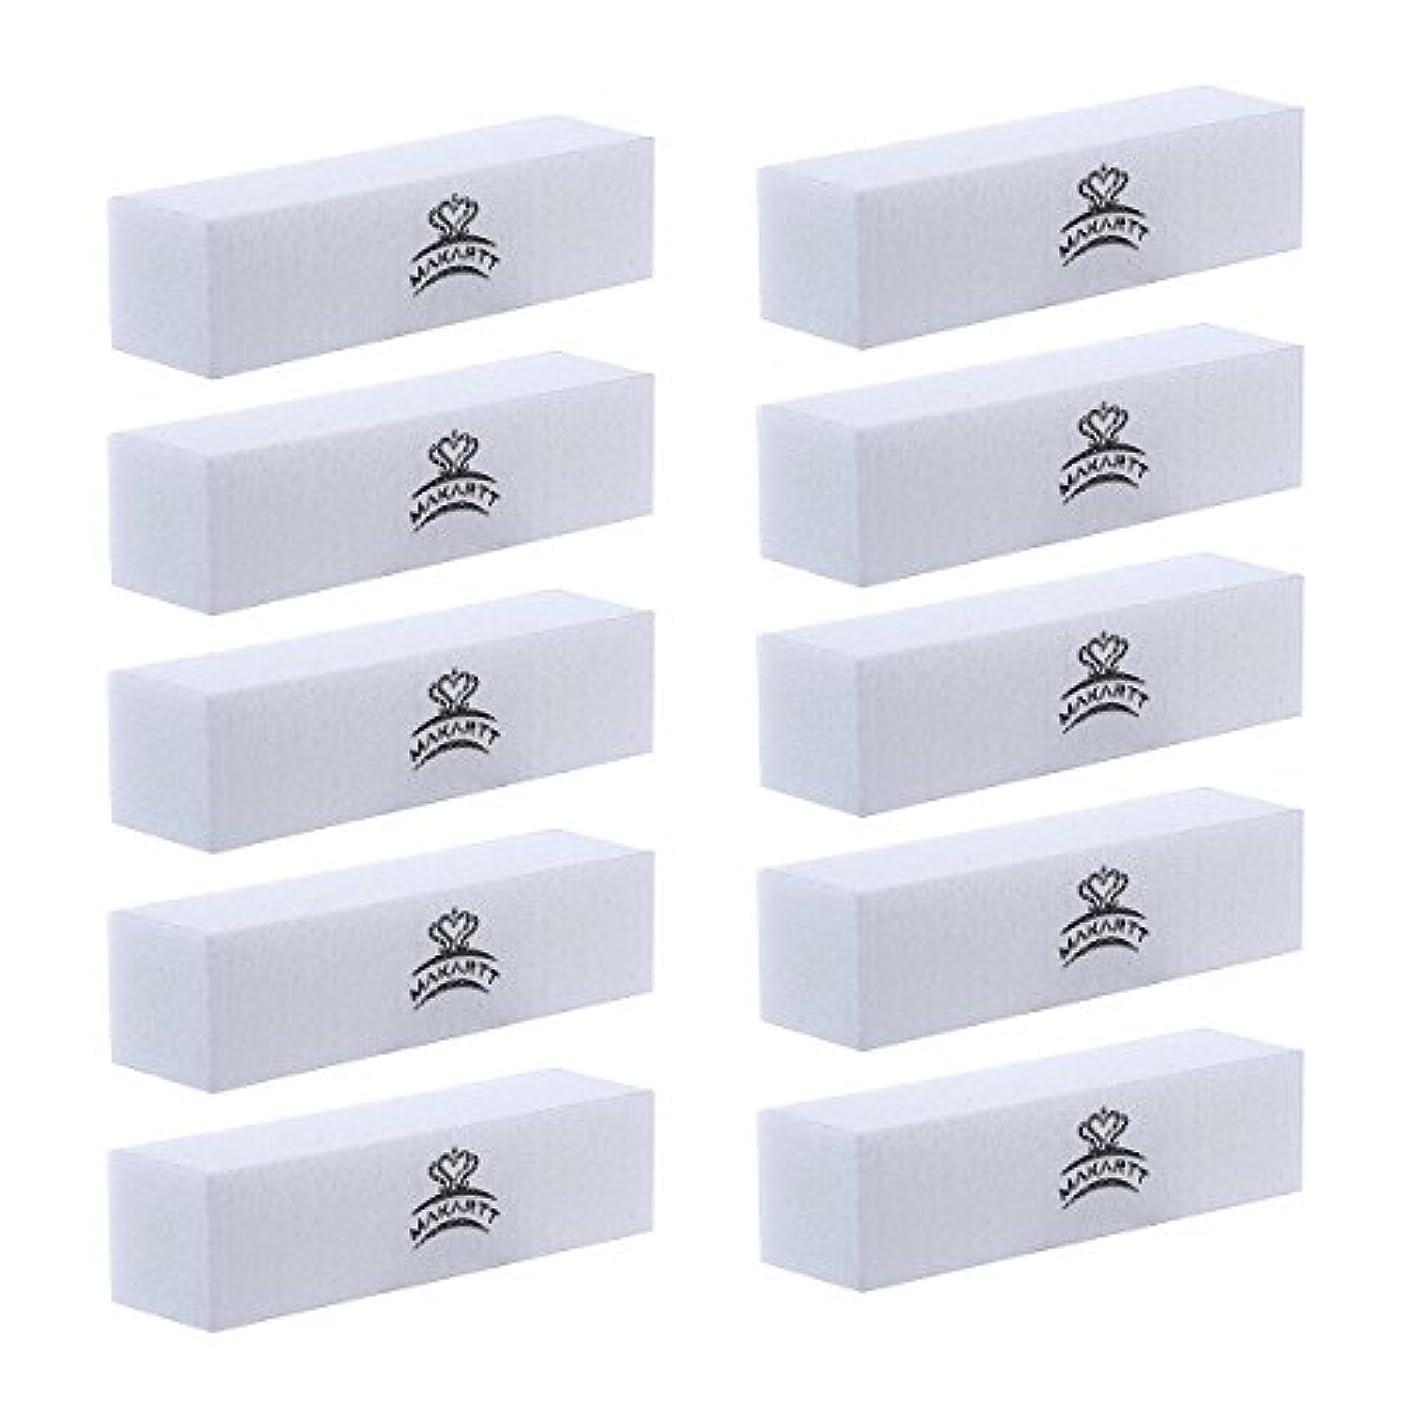 香水完璧な折MAKARTT スポンジバッファー ブロックネイルバッファー 爪磨き スポンジネイルファイル マニキュアツール ネイルケア用 メンズ兼用 (ホワイト)